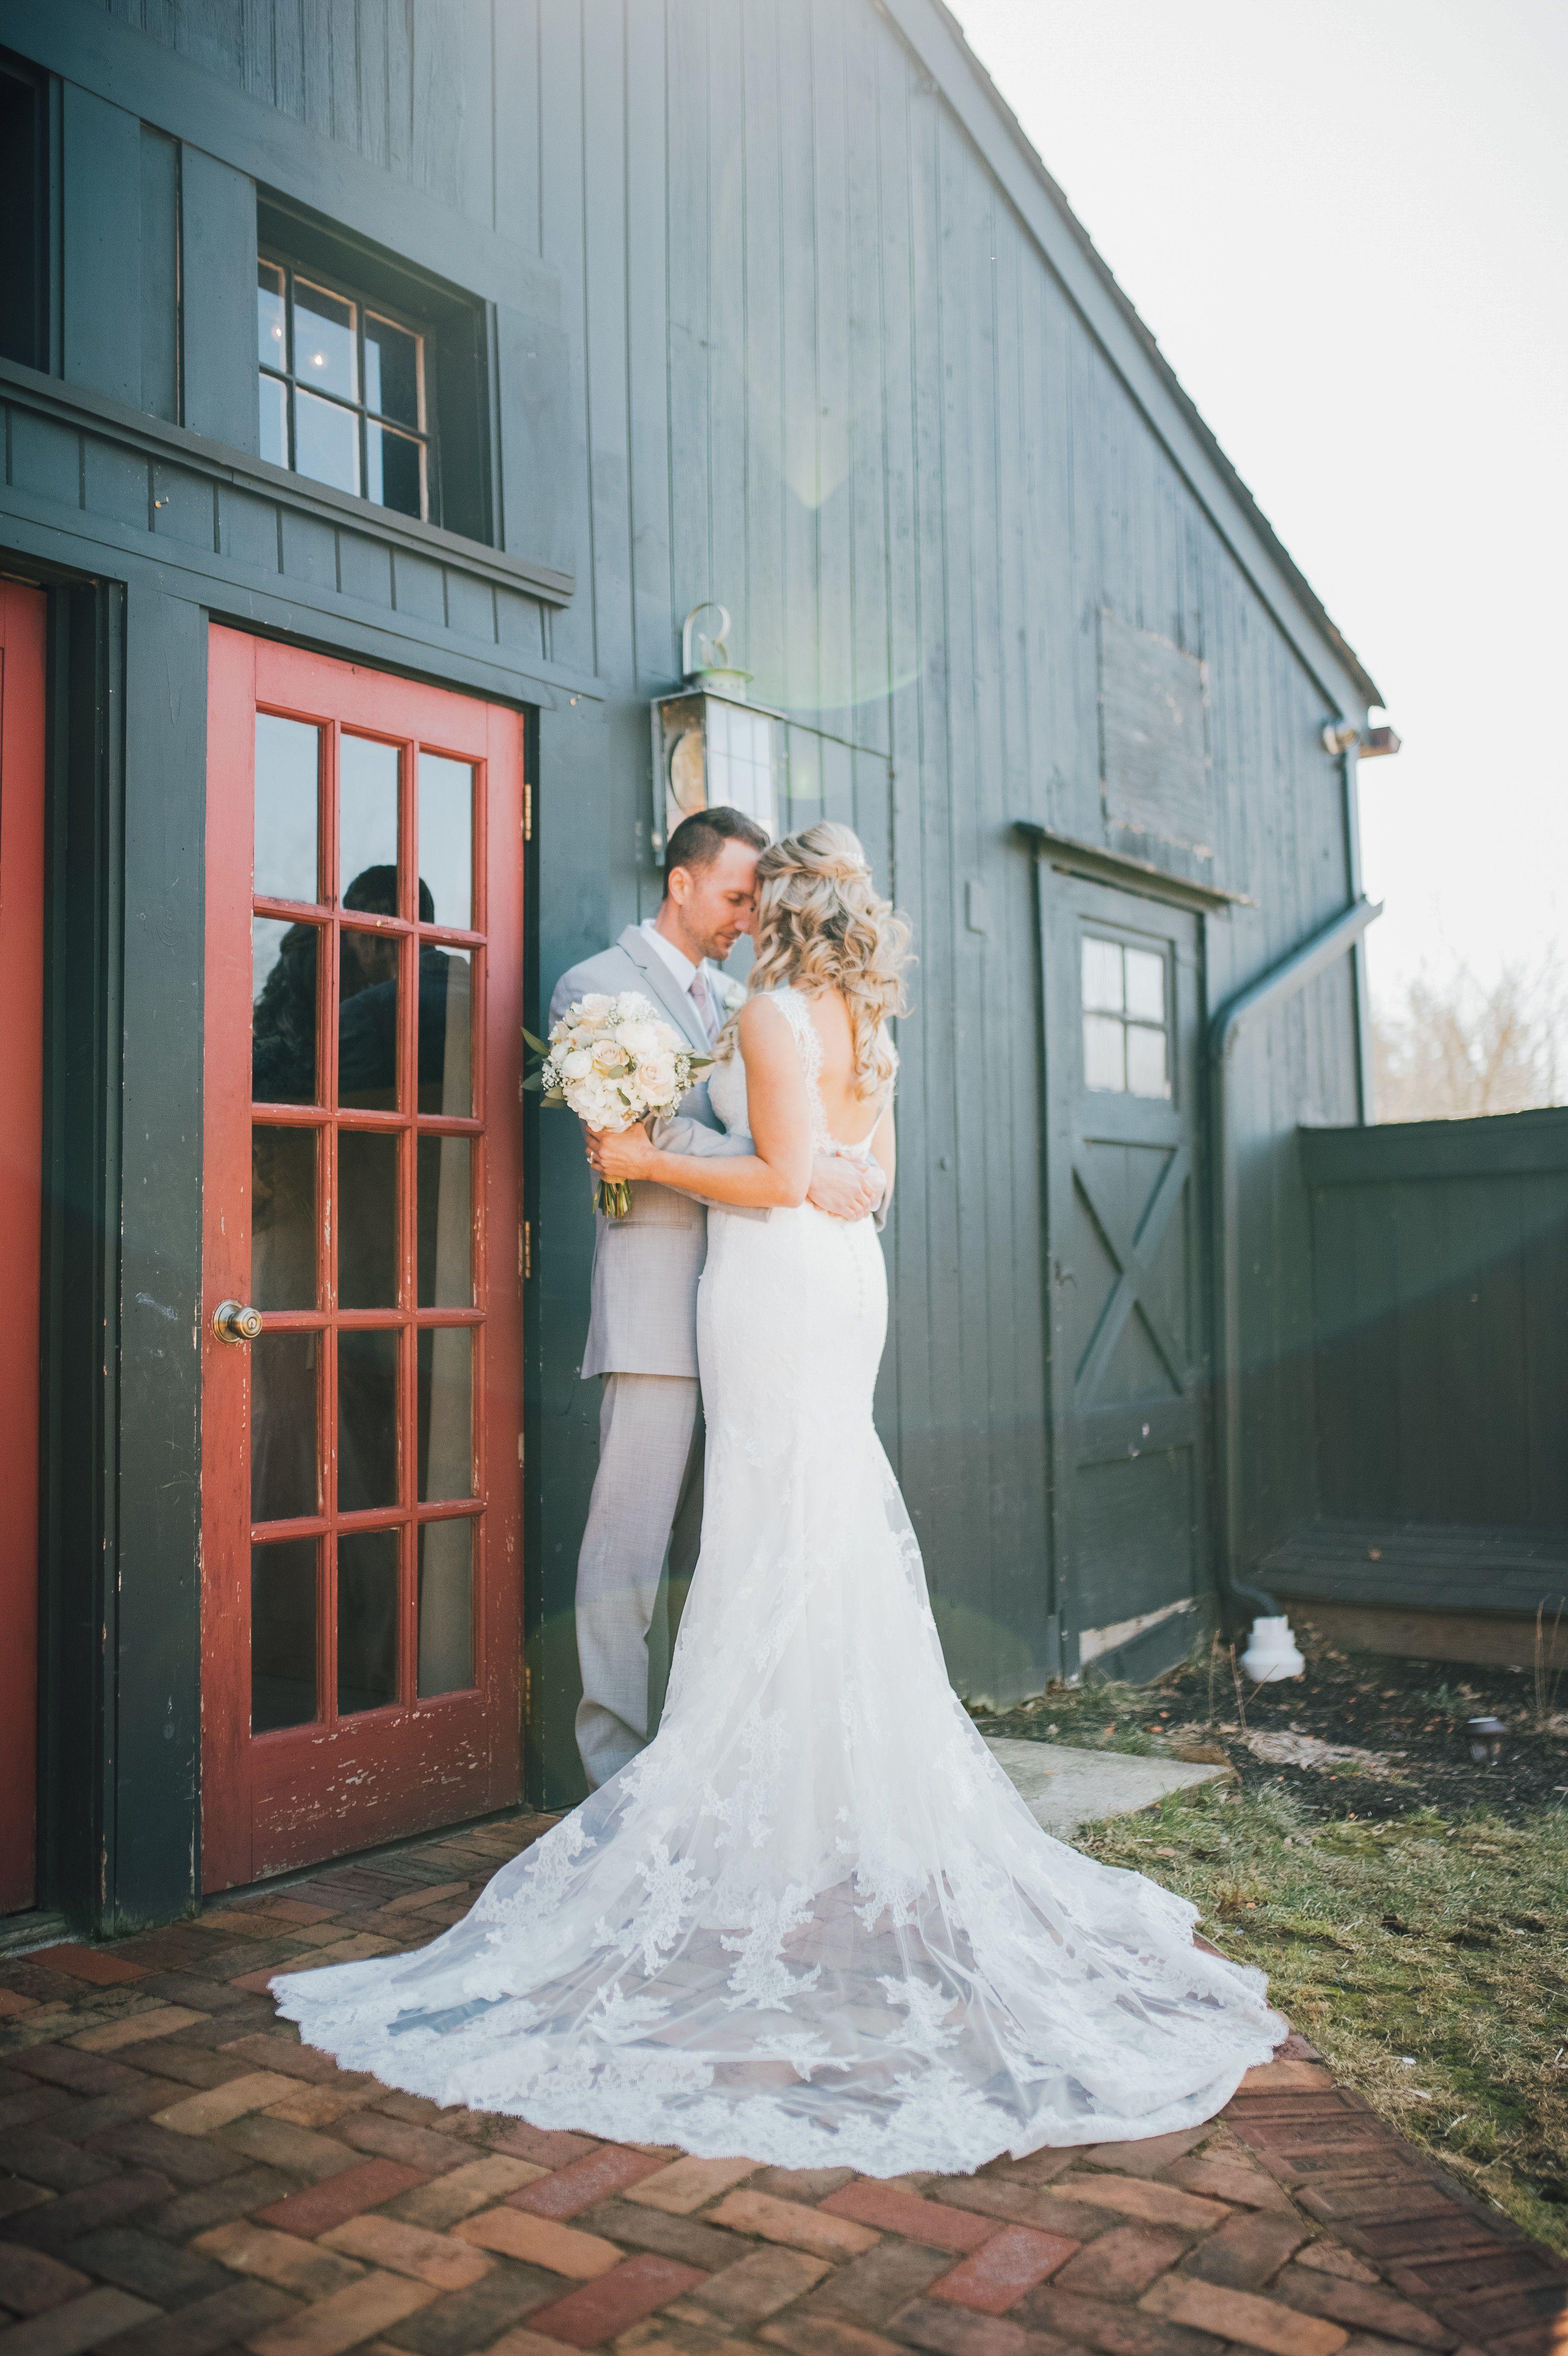 Wedding decorations barn  Fall wedding ideas  Rustic fall wedding ideas  Fall wedding